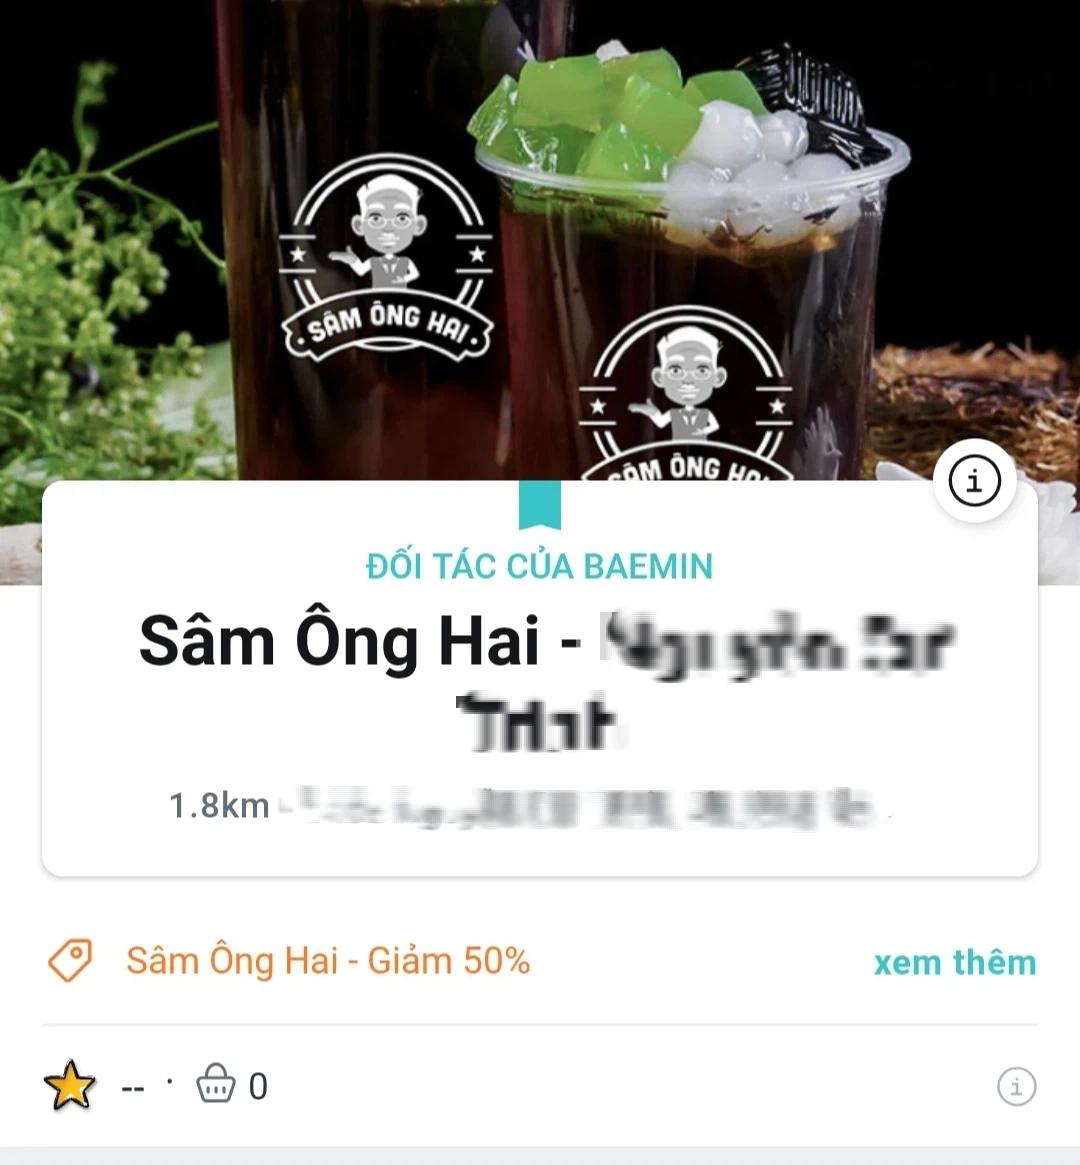 Shark Khoa mở tiệm bán nước sâm, hạ nhiệt cho Sài Thành - Ảnh 2.